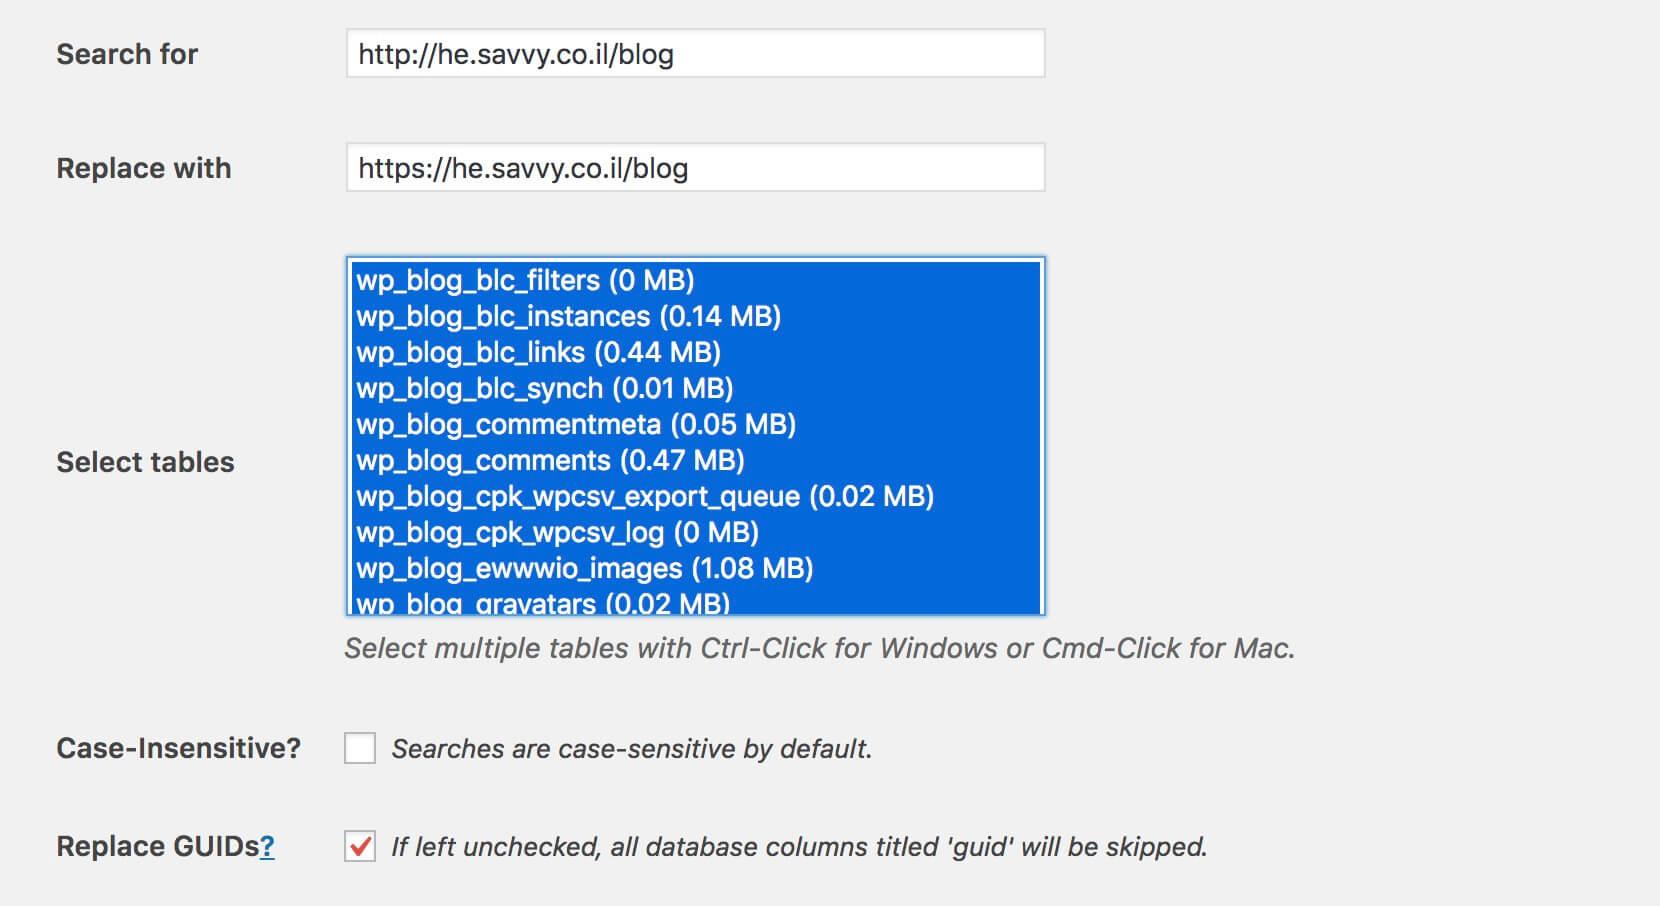 שינוי הקישורים במסד הנתונים מ HTTP ל HTTPS